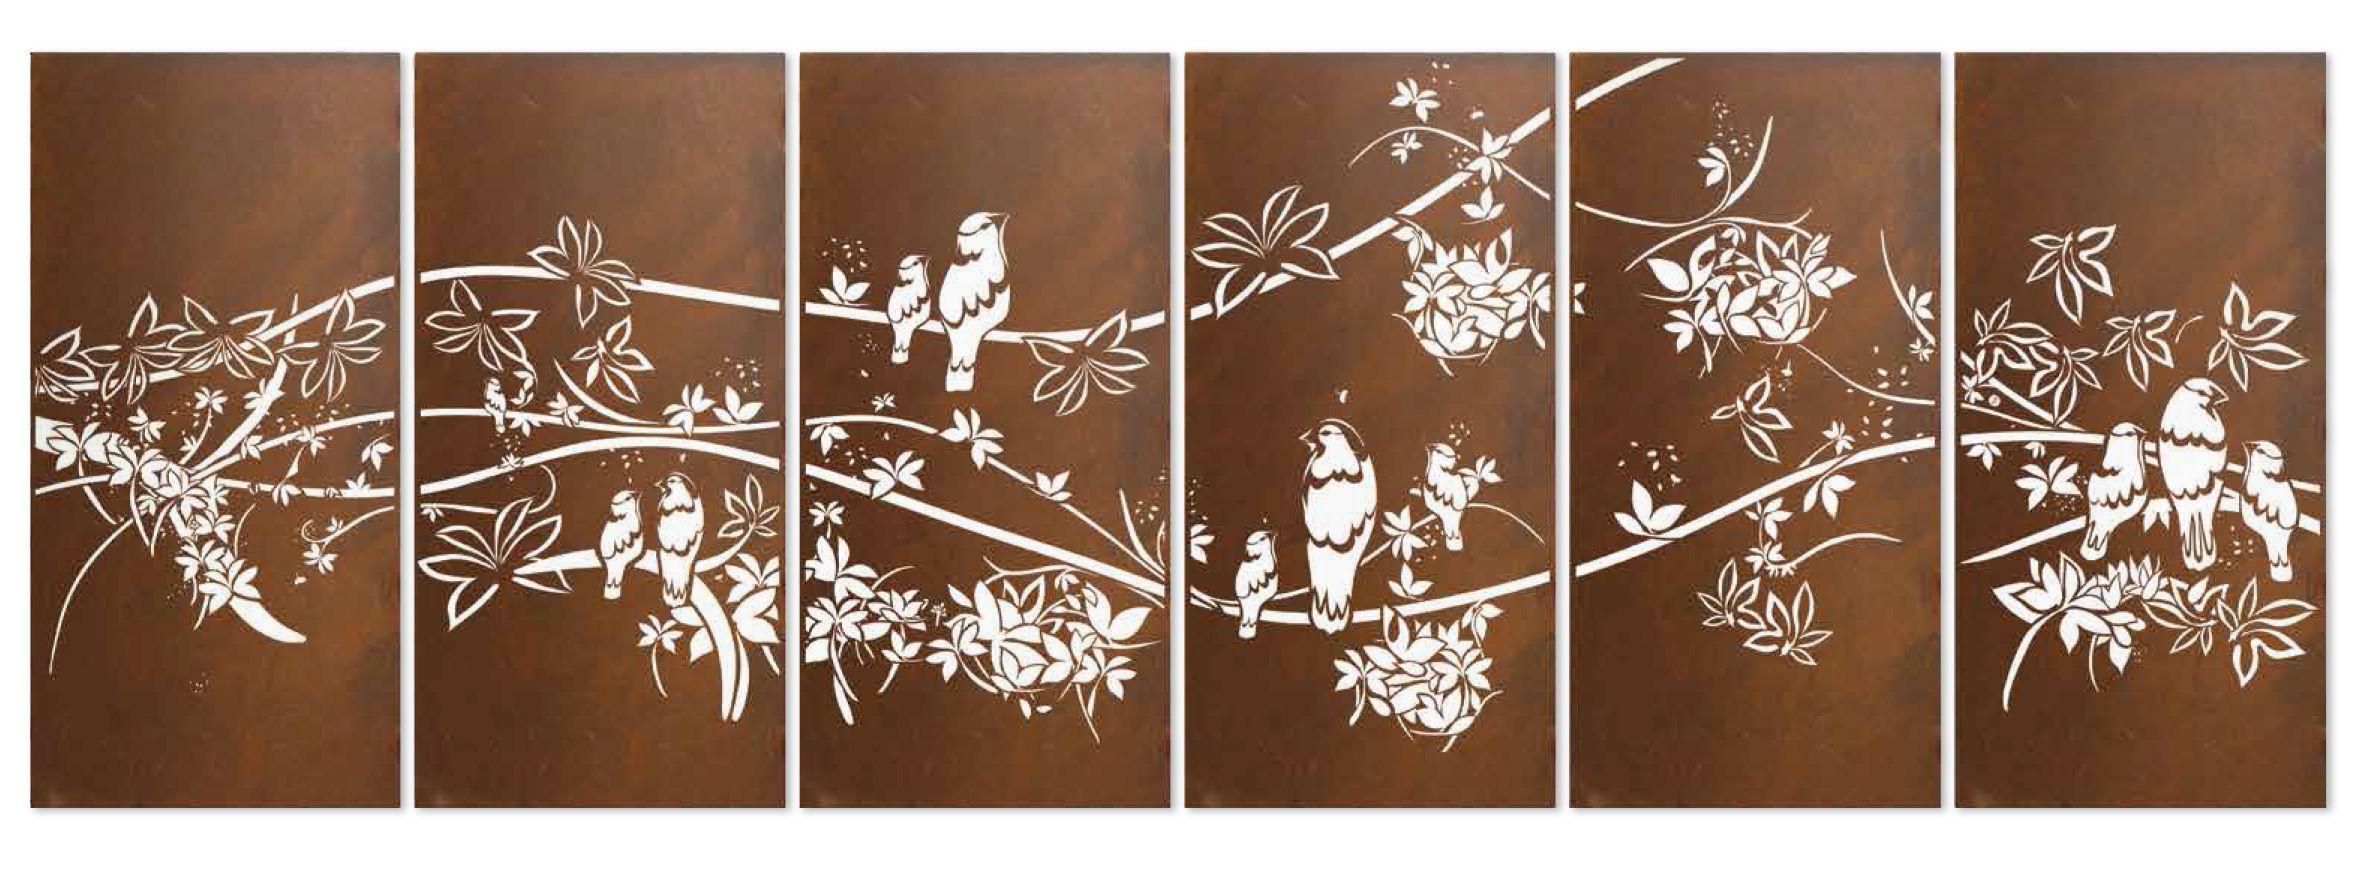 Tropical Birds\' outdoor decorative garden screening by Entanglements ...